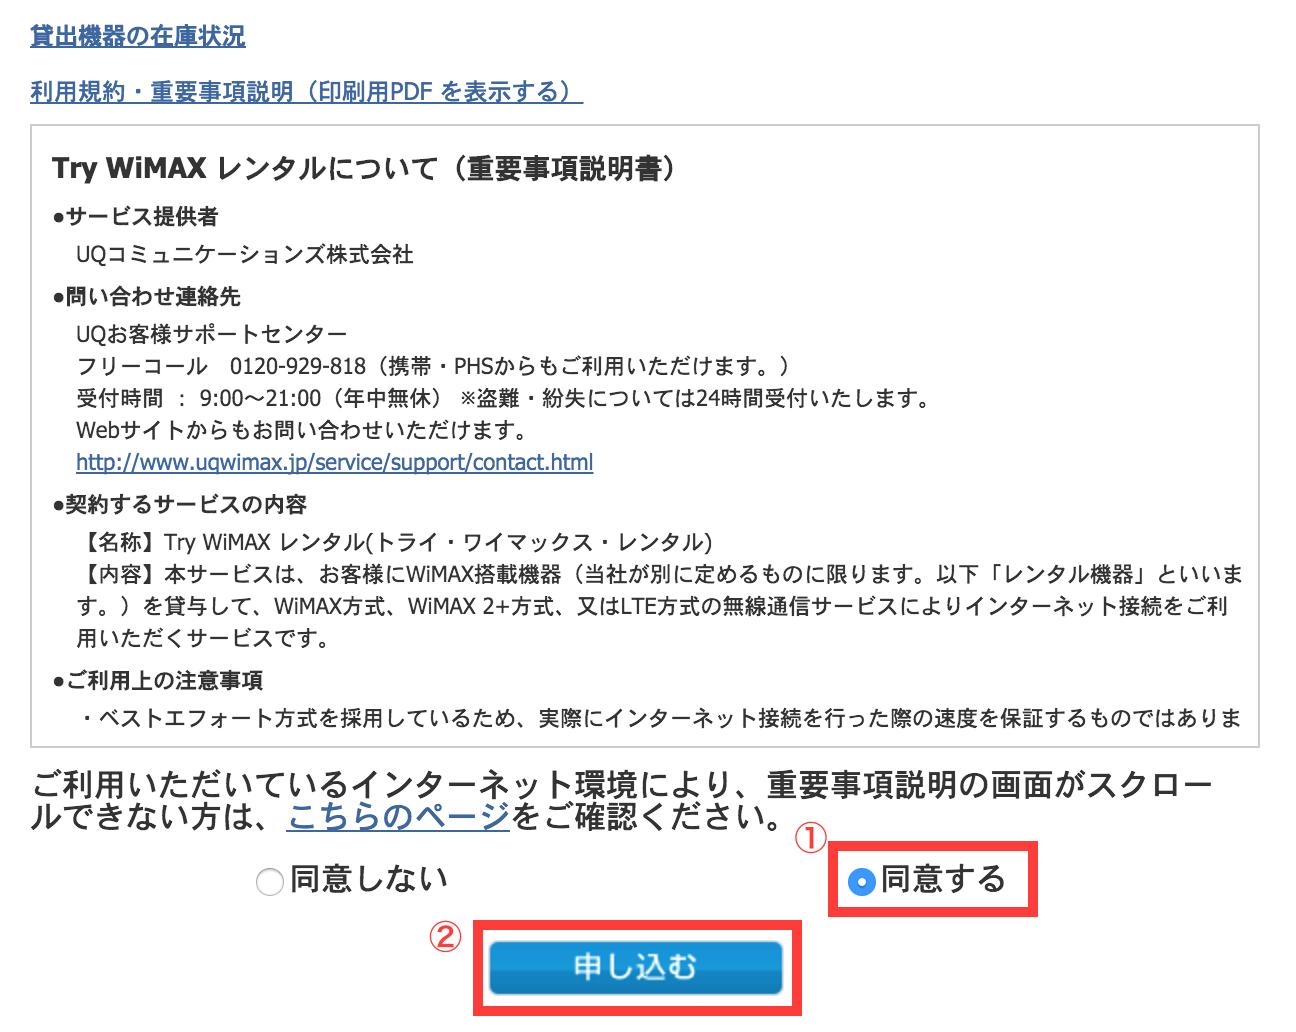 Try WiMAX お試し レンタル 仮申し込み